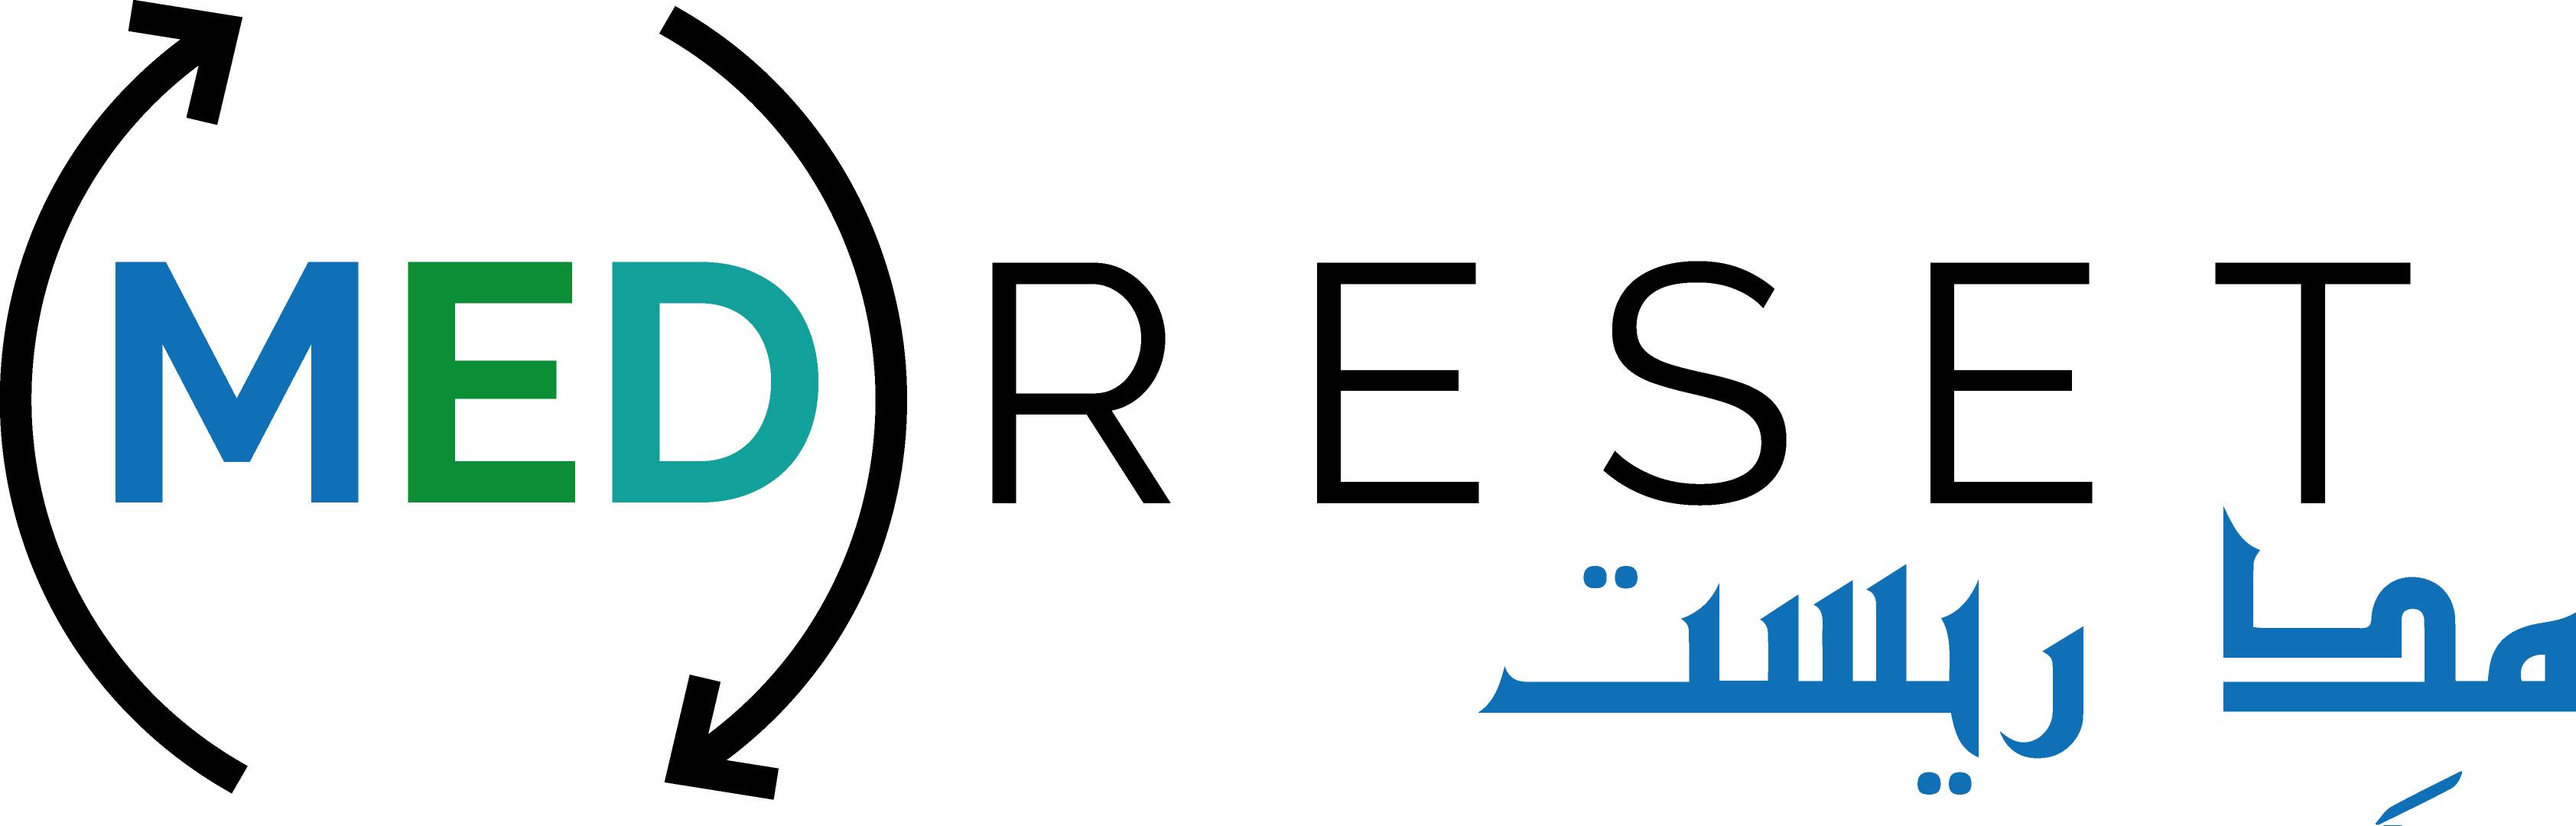 Logo Medreset